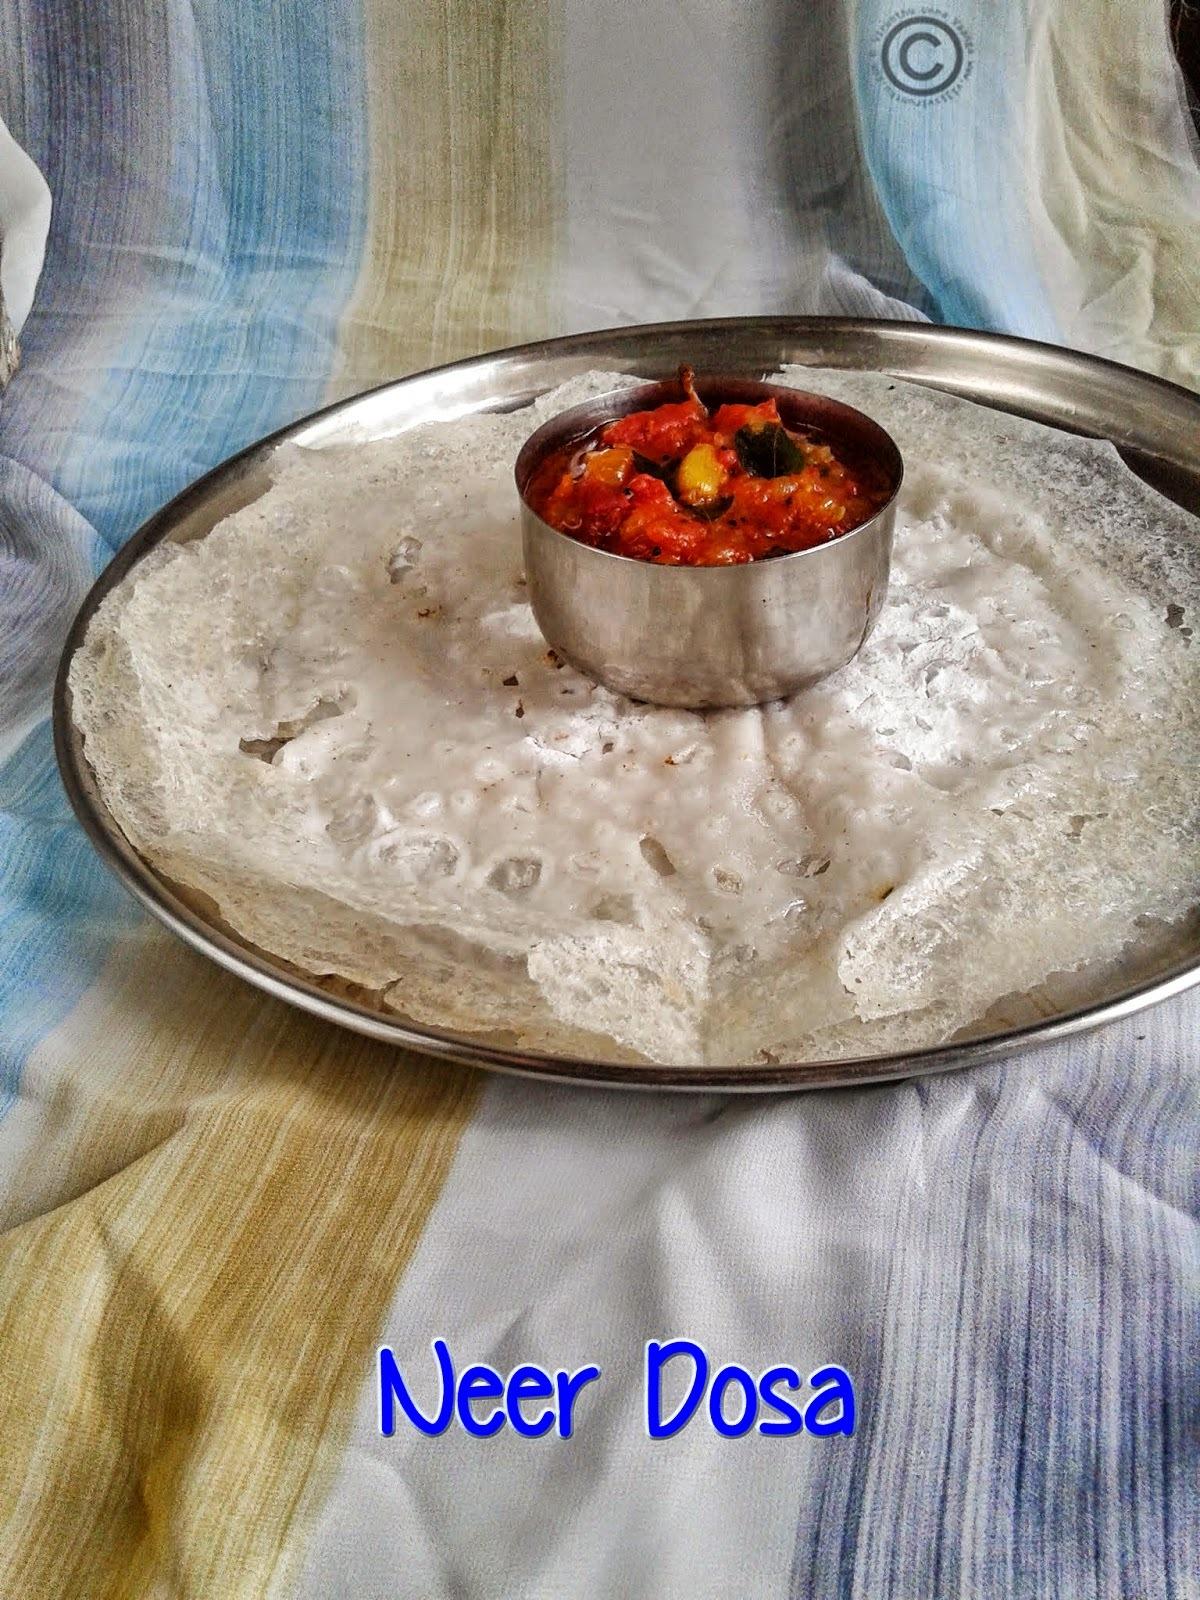 NEER DOSA I RICE COCONUT DOSA I SOUTH INDIAN BREAKFAST RECIPES